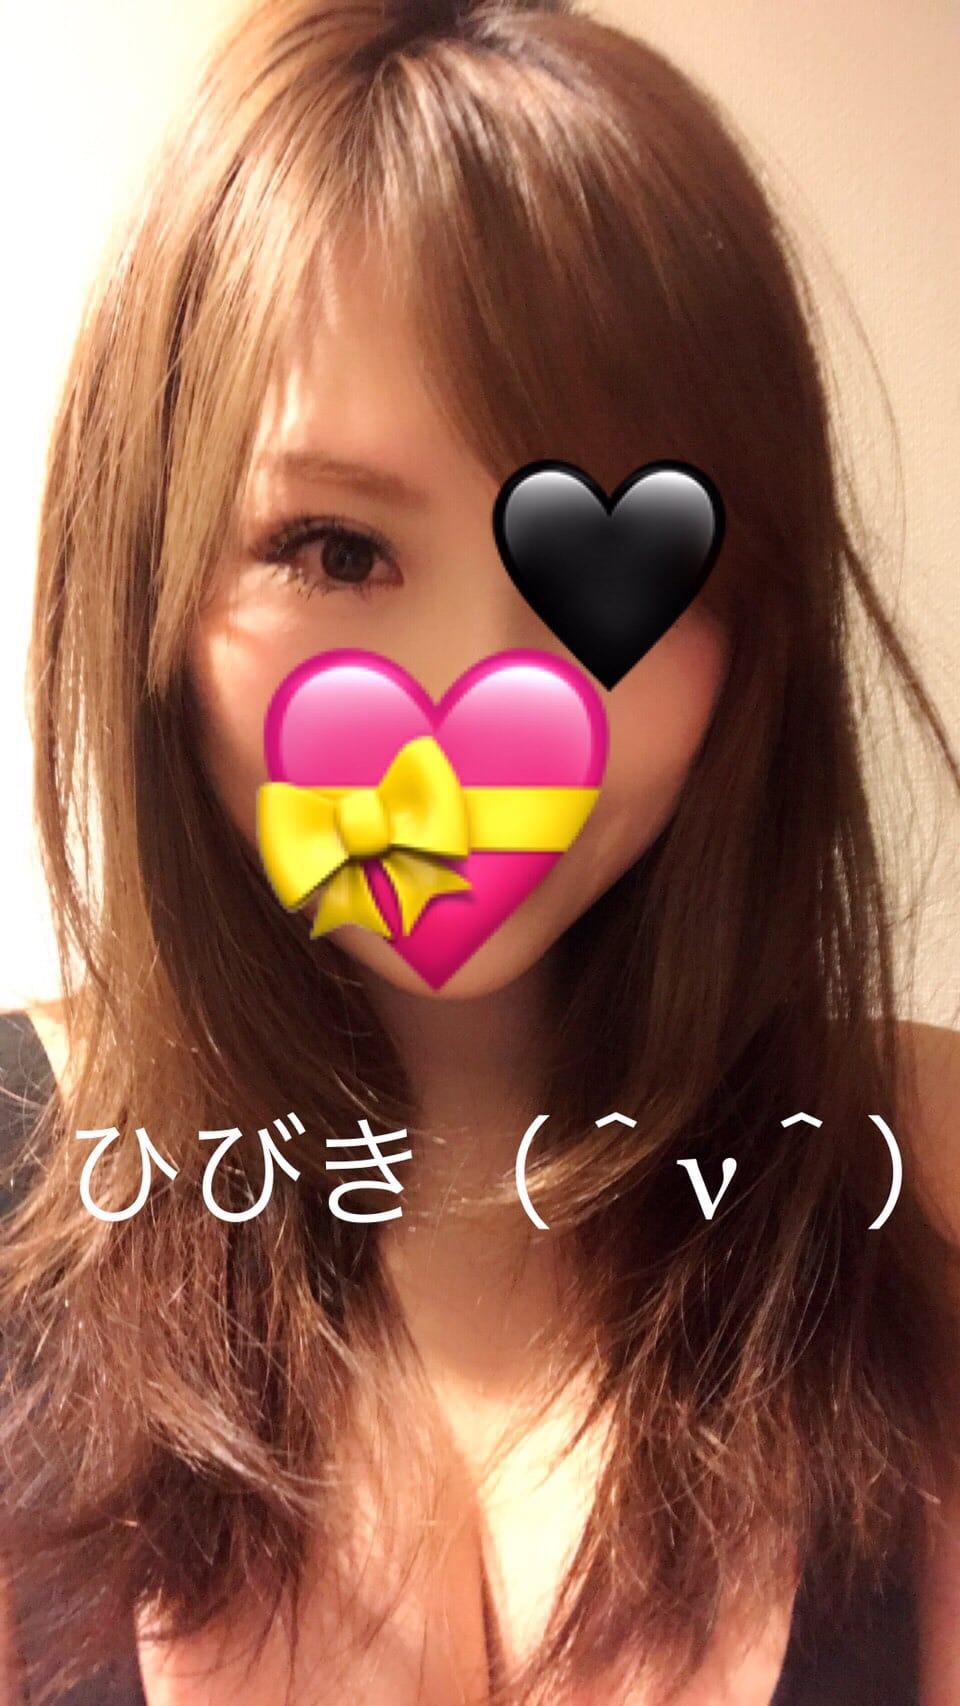 「久々の更新♪」02/27(02/27) 11:03 | ひびきの写メ・風俗動画